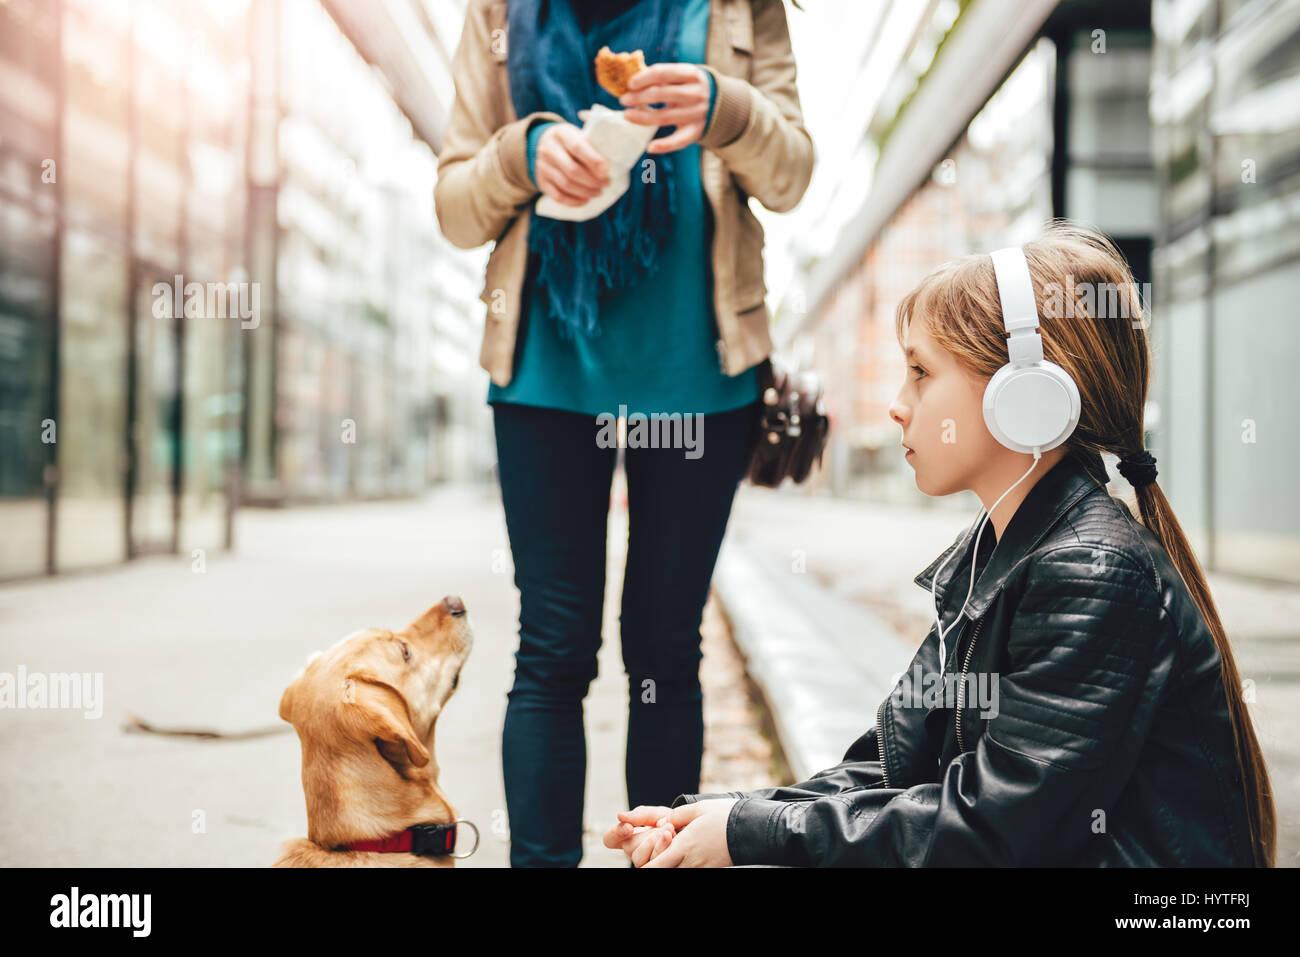 L'écoute de la musique sur le casque fille tandis que la mère et son chien debout à côté Photo Stock